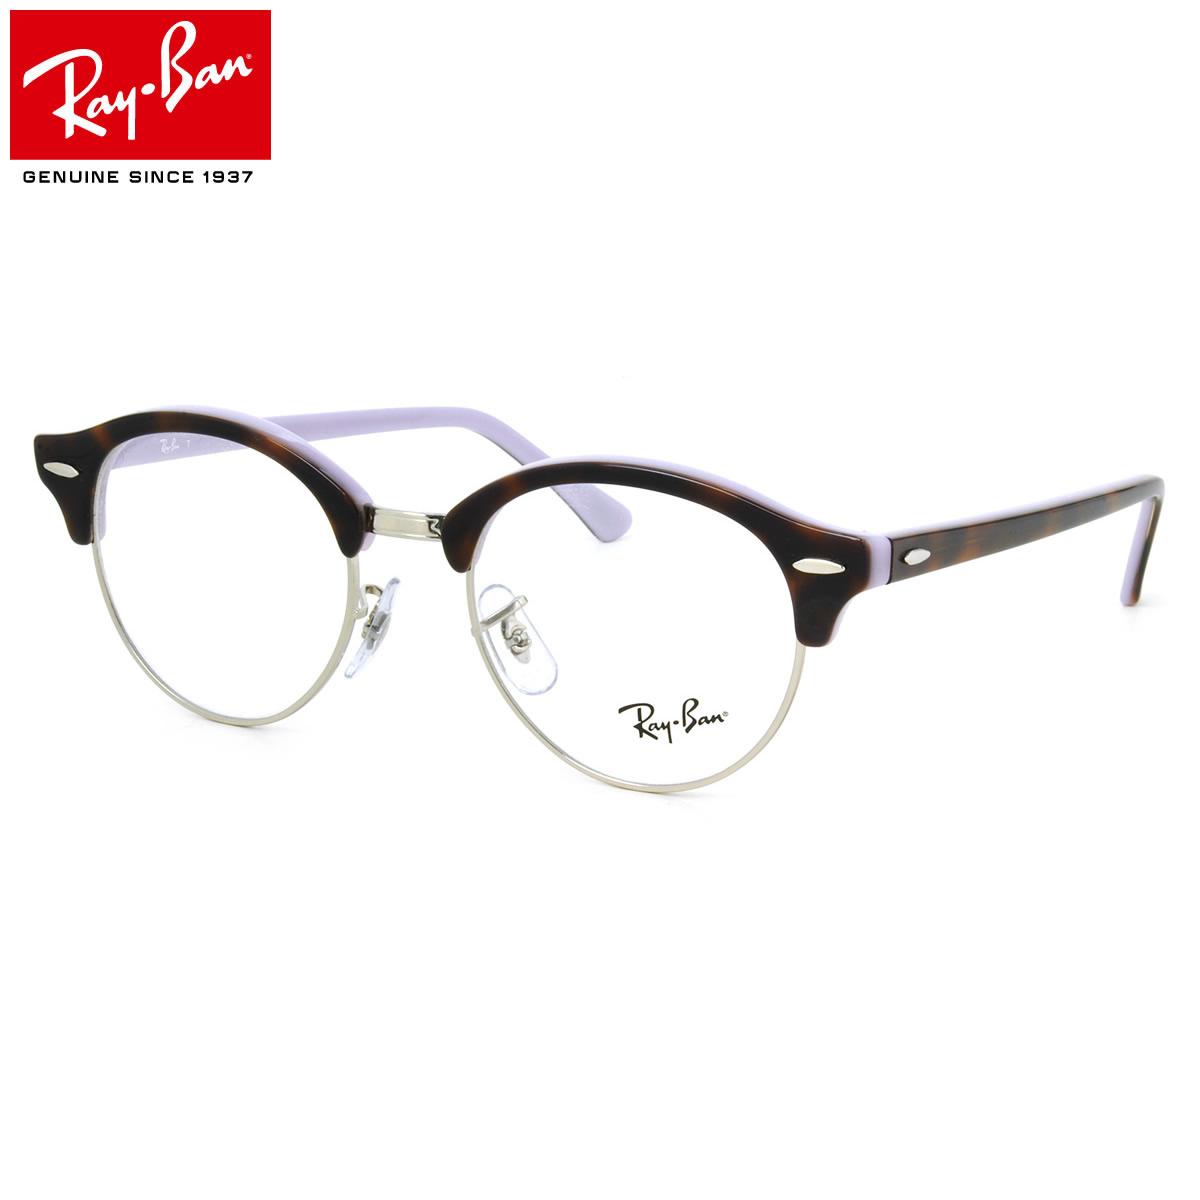 【10月30日からエントリーで全品ポイント20倍】レイバン メガネ フレーム Ray-Ban RX4246V 5240 47サイズ クラブラウンド クラブマスター ラウンド 丸メガネ フレーム CLUBMASTER ROUND レイバン CLUBROUND メンズ レディース